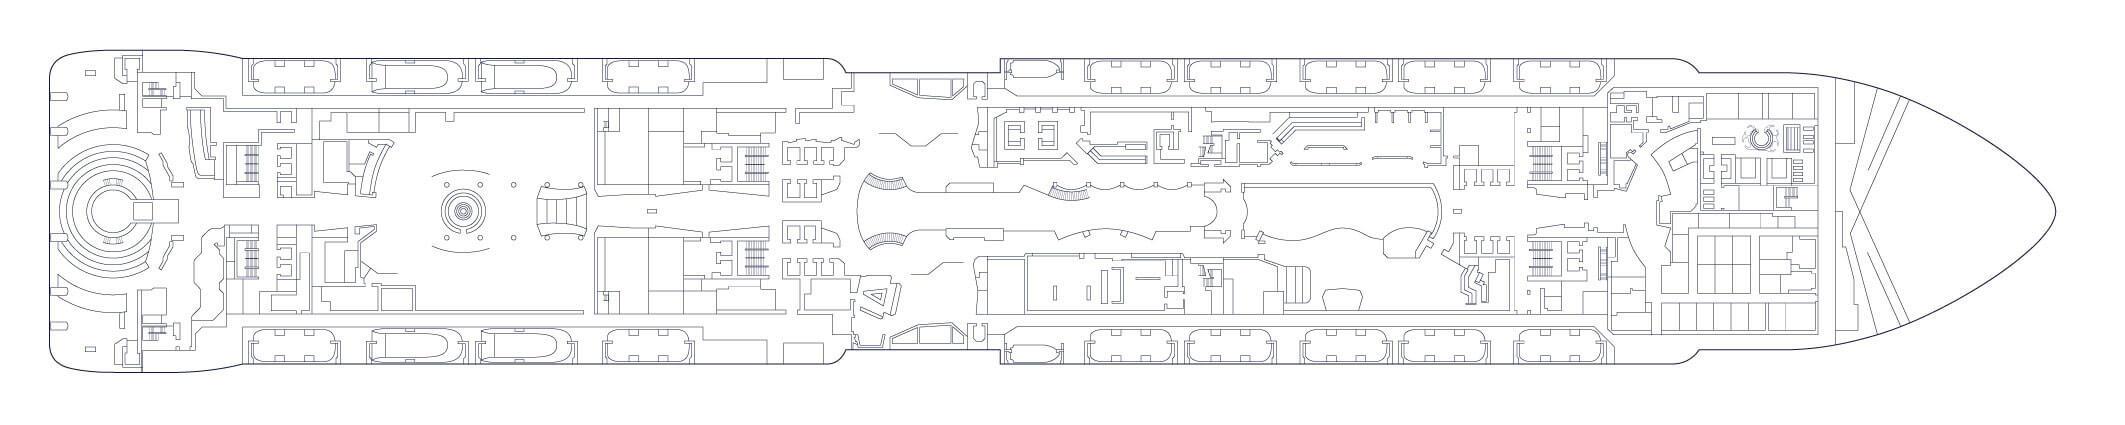 Pont 7 MSC Meraviglia